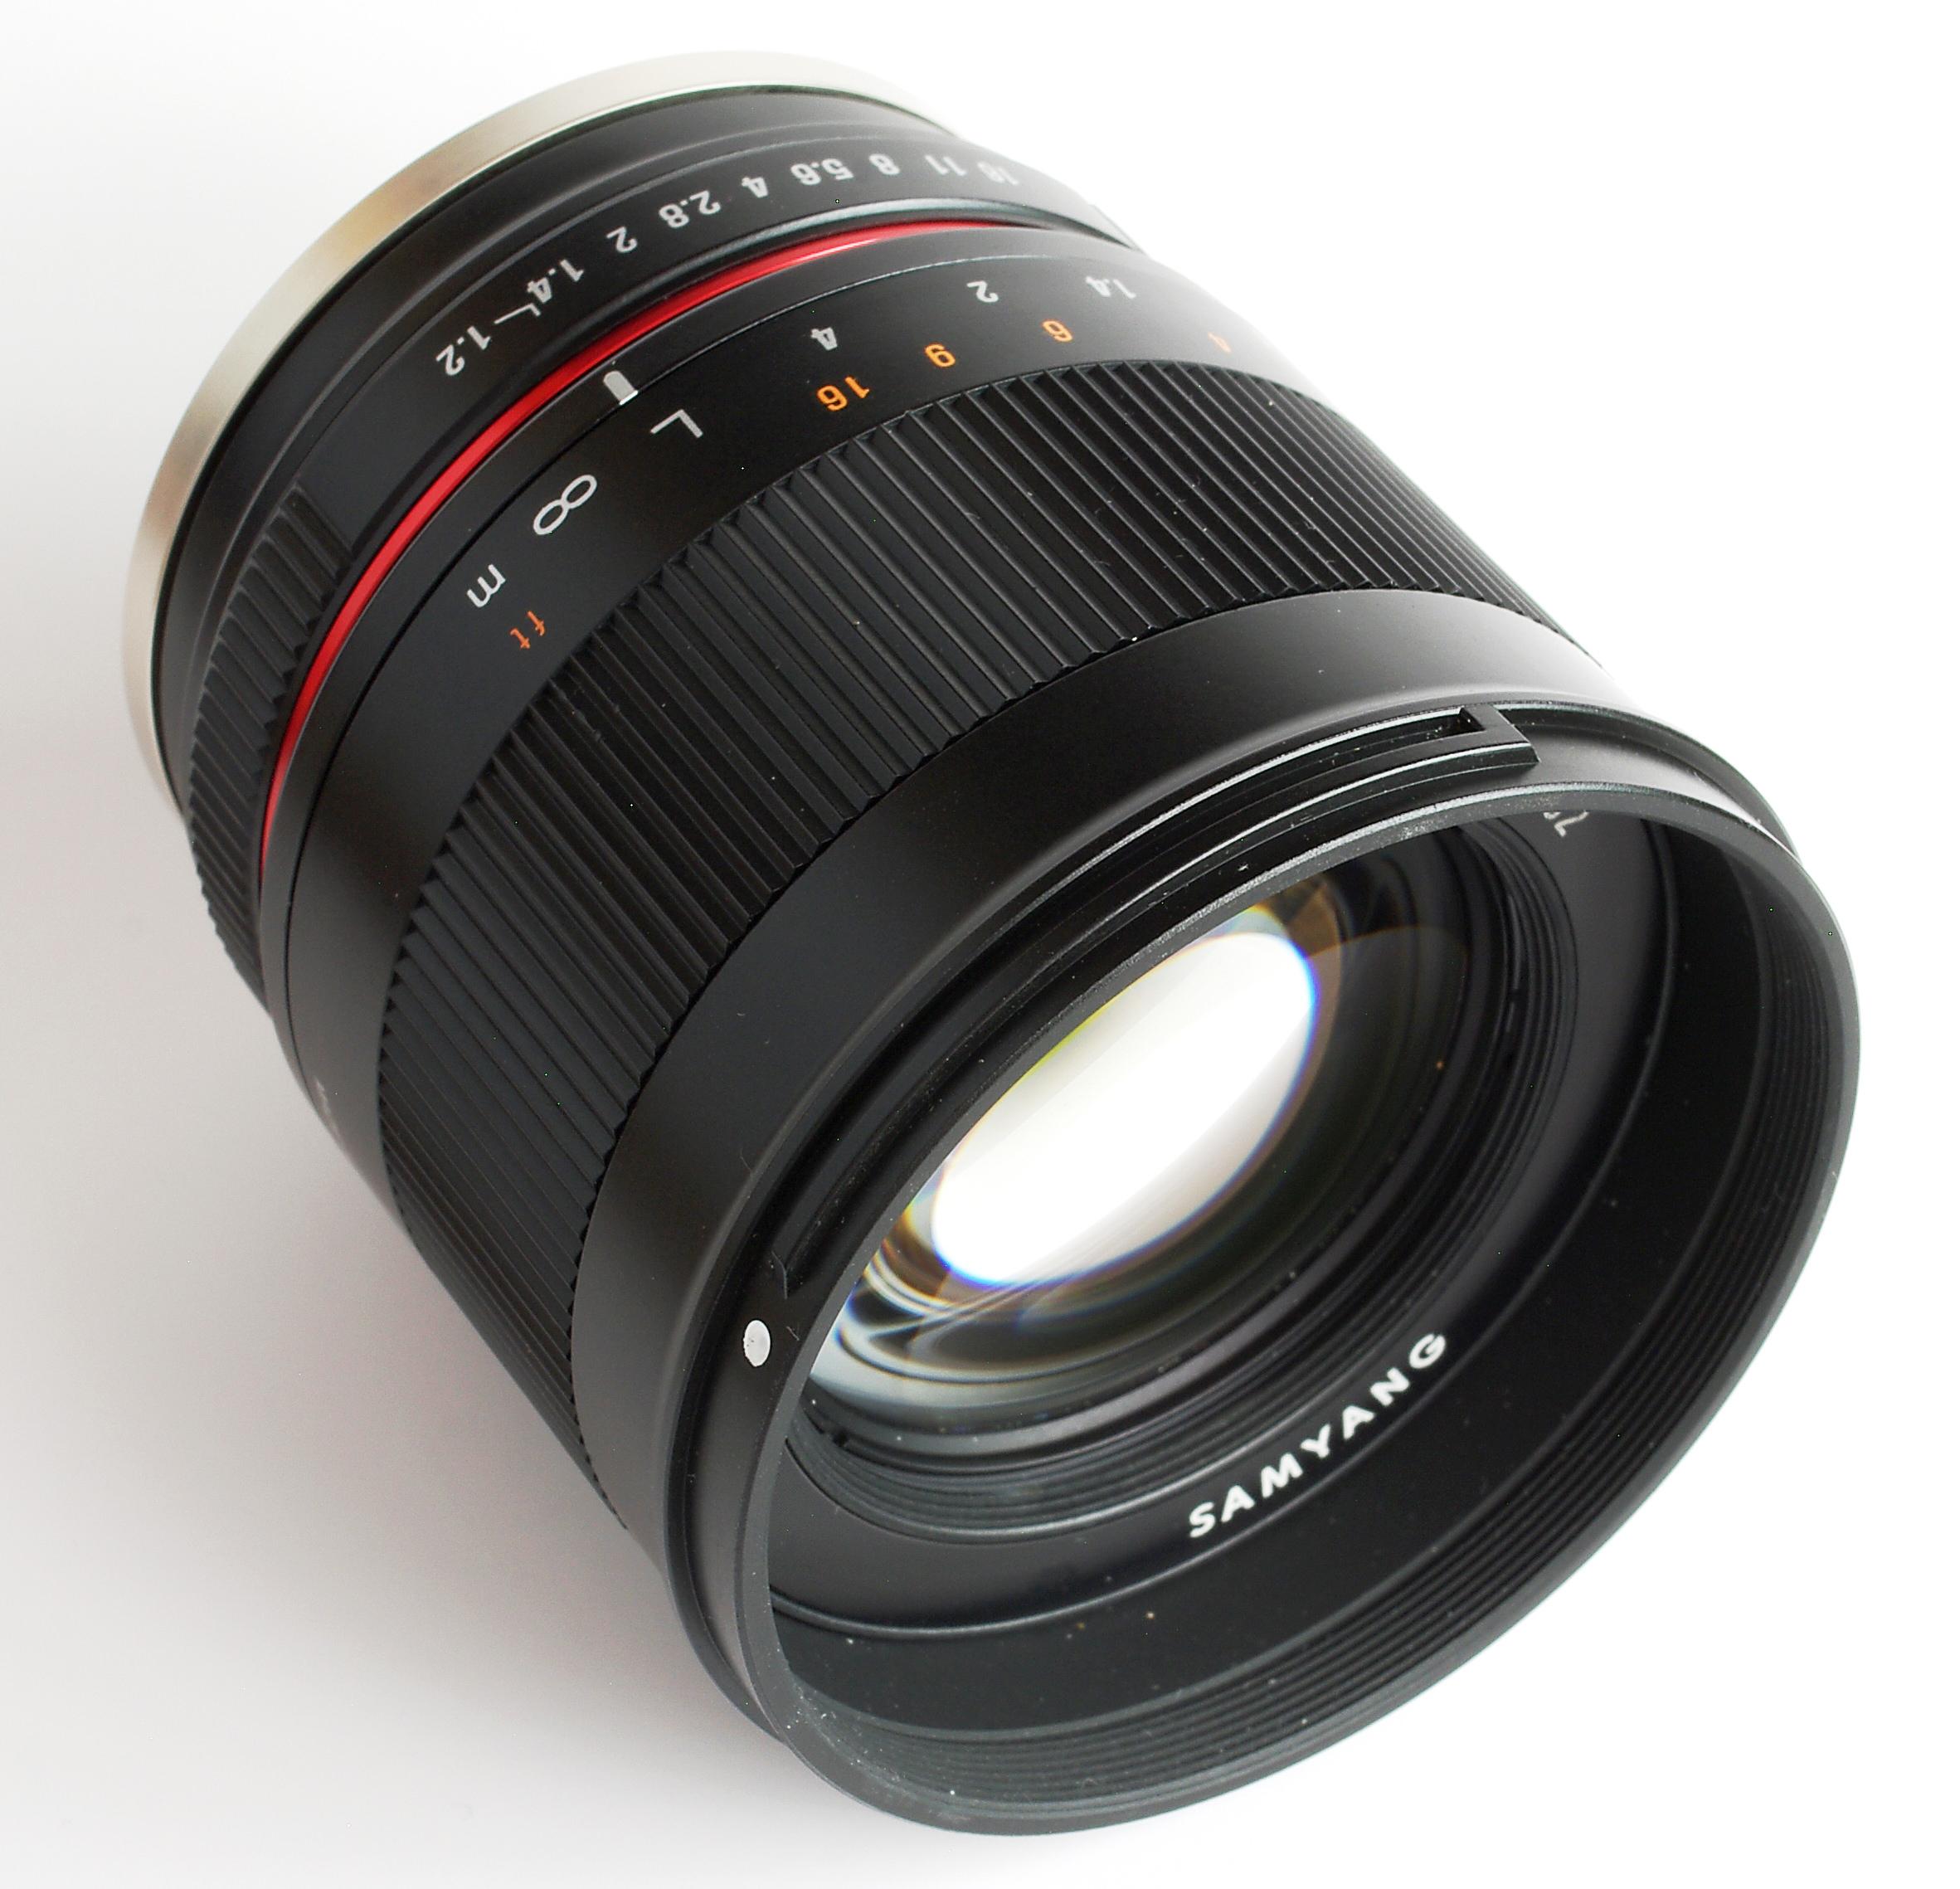 samyang 50mm f  1 2 as umc cs lens review best manual lenses for fuji x best manual lenses for fuji x